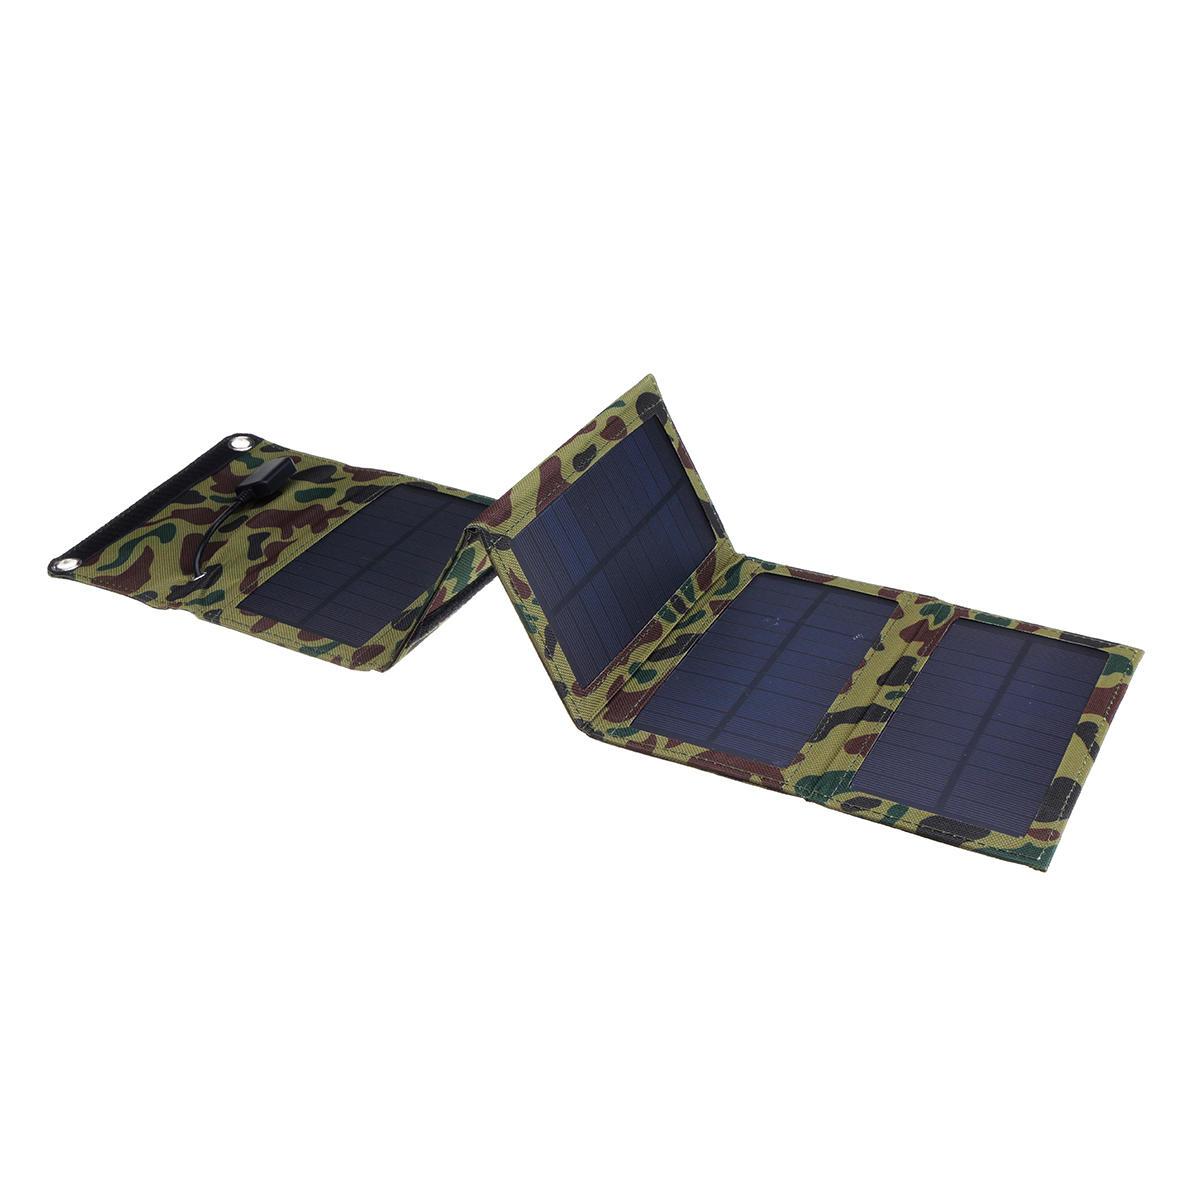 15W पोर्टेबल फोल्डेबल सोलर पैनल चार्जर फोन चार्जिंग को कैम्पिंग हाइकिंग के लिए यूएसबी पोर्ट के सा